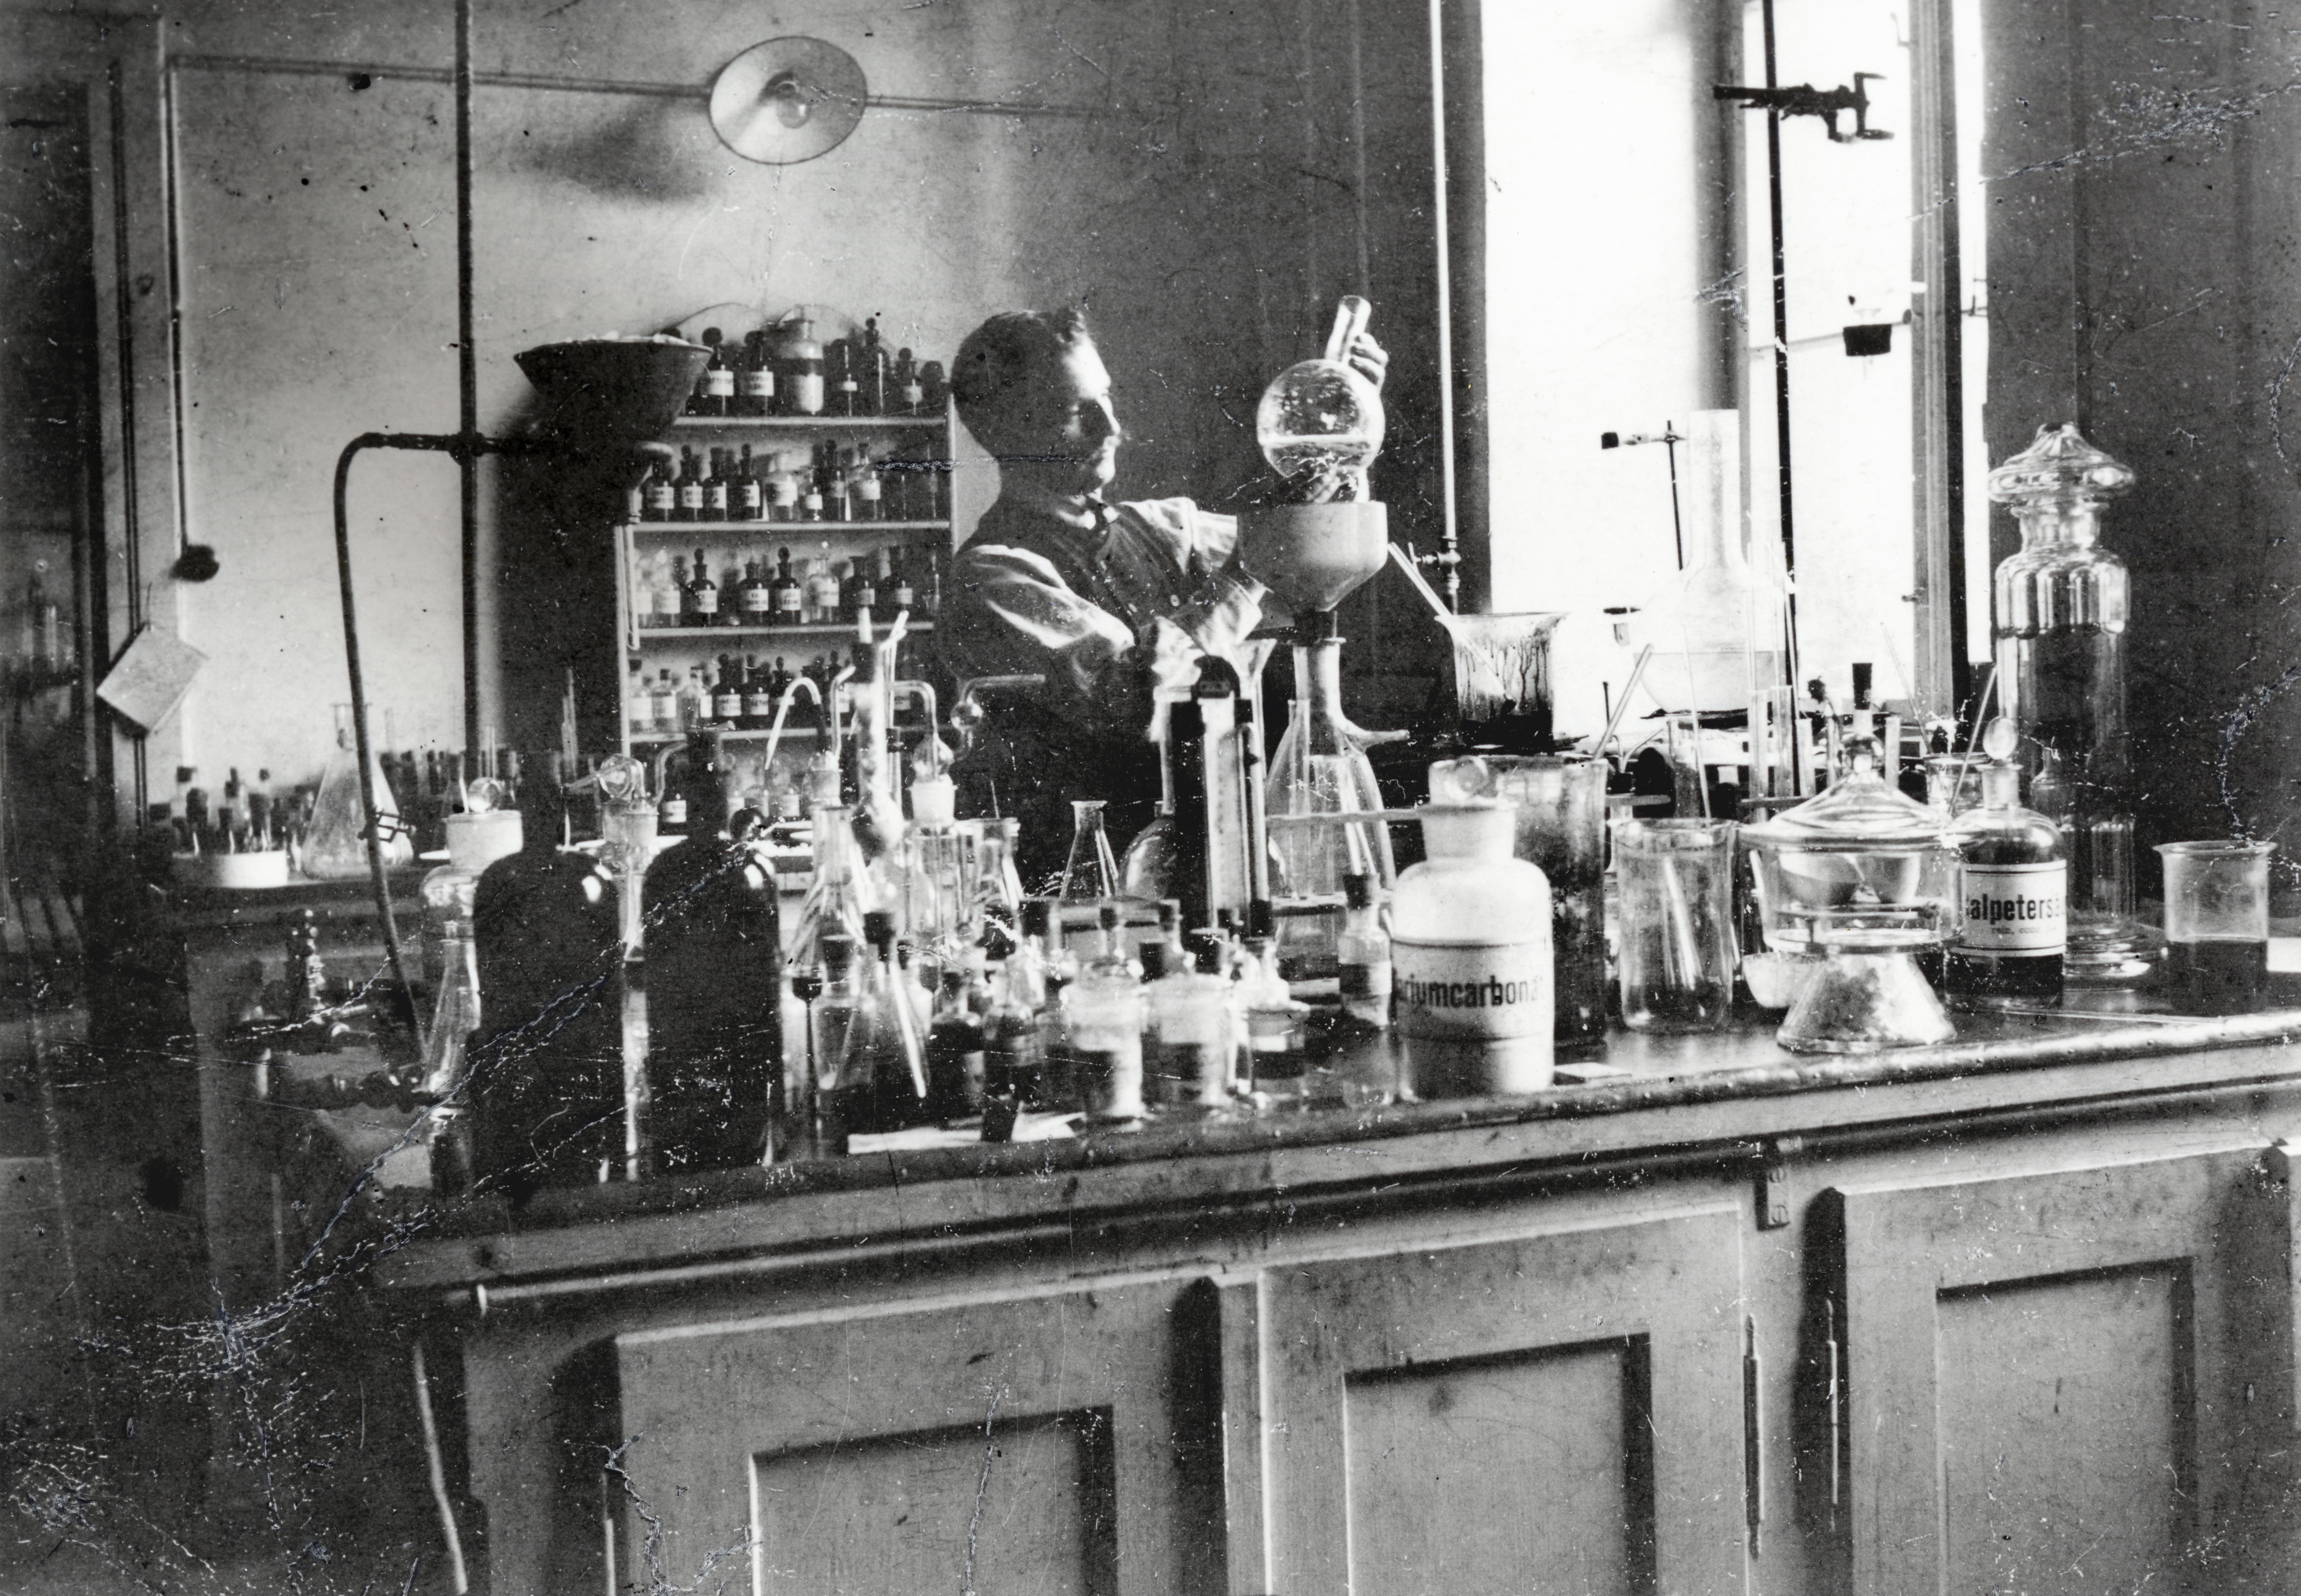 Vom Chemie-Labor zum Weltkonzern